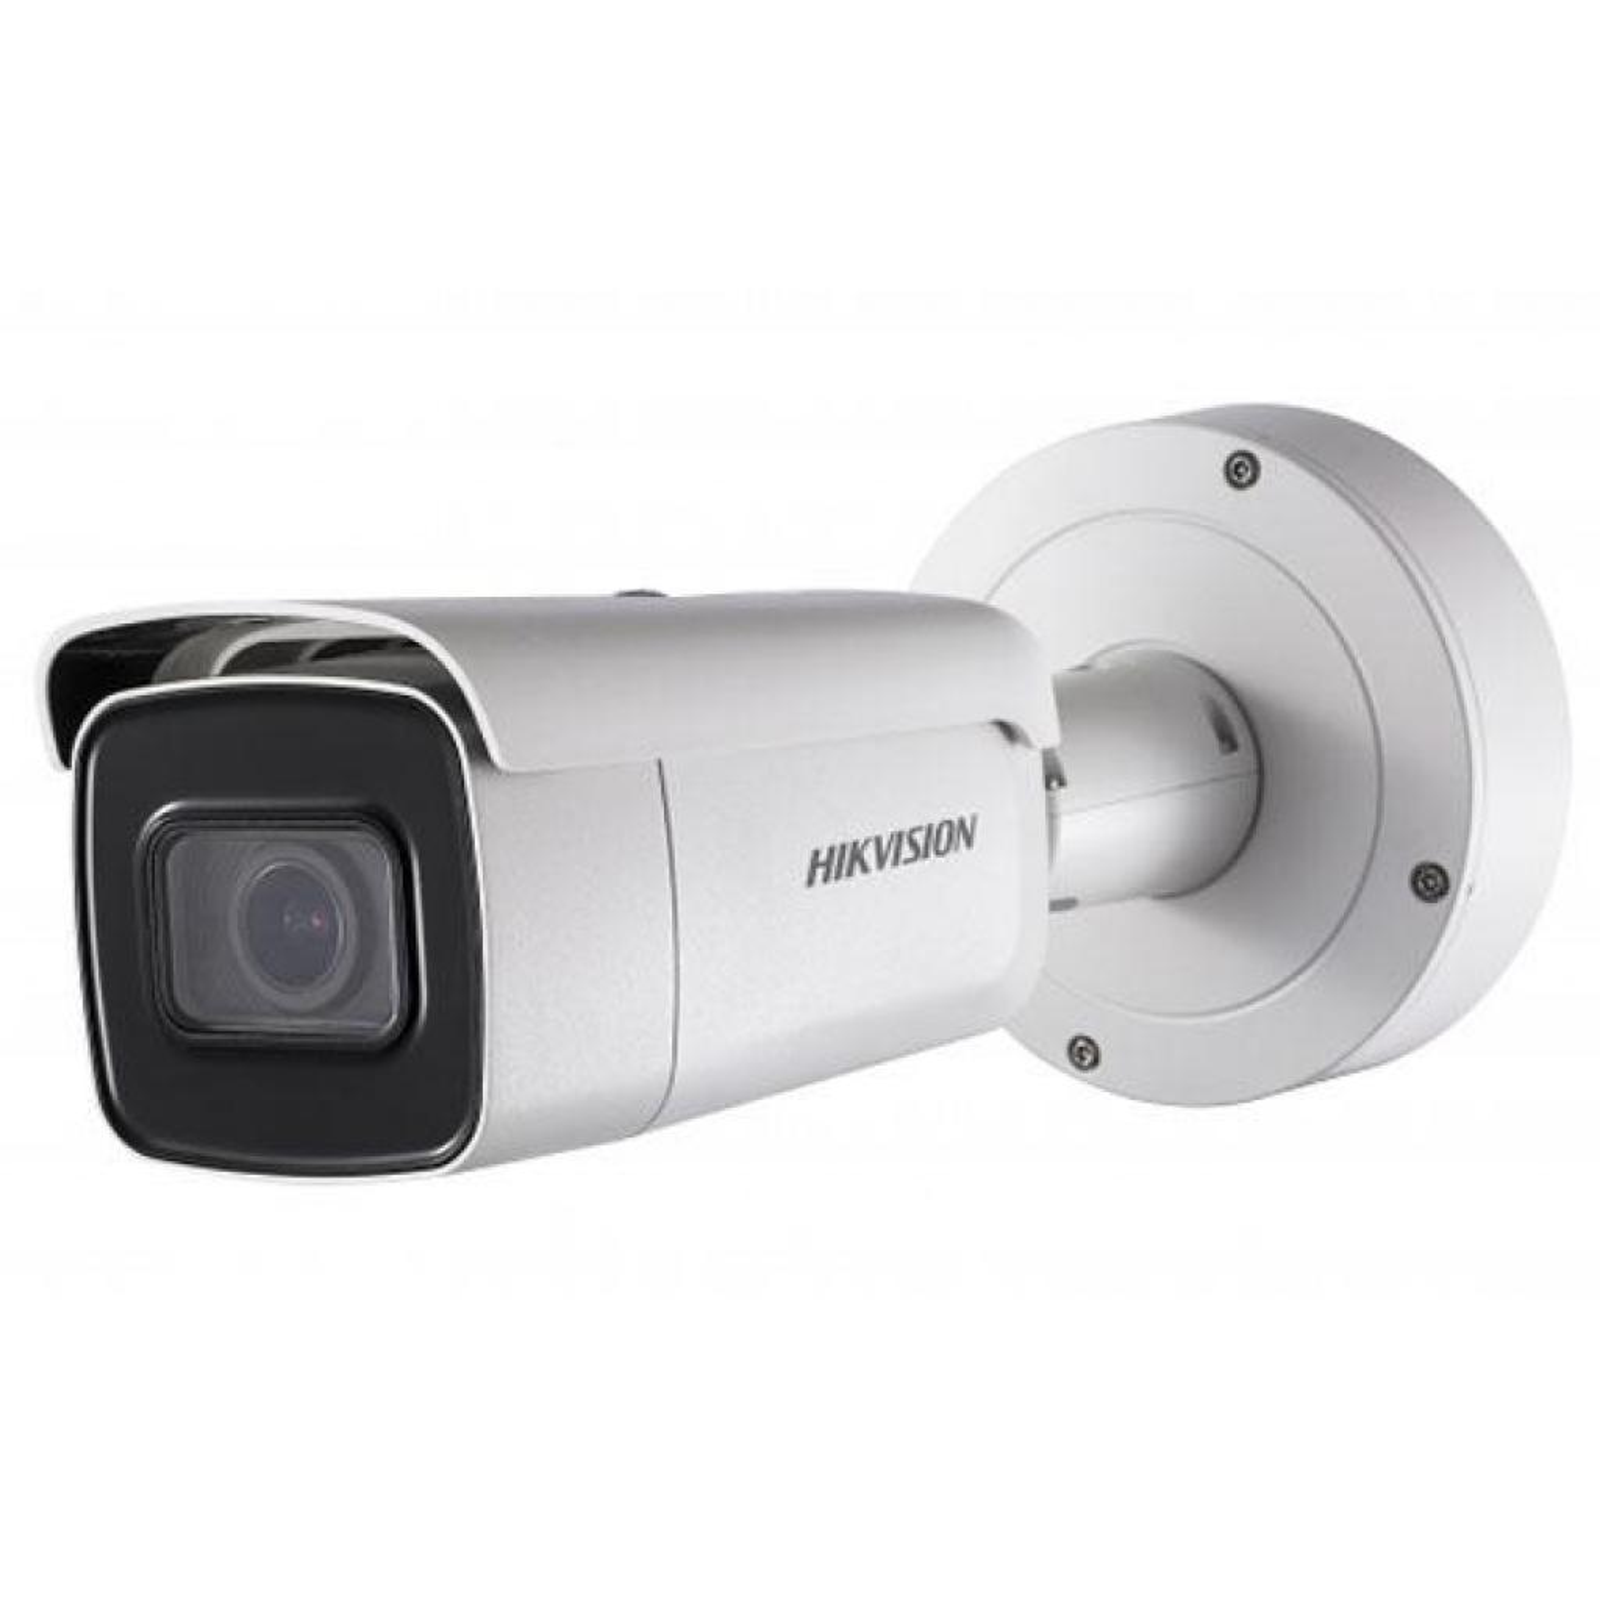 Камера видеонаблюдения Hikvision DS-2CD2655FWD-IZS (2.8-12)